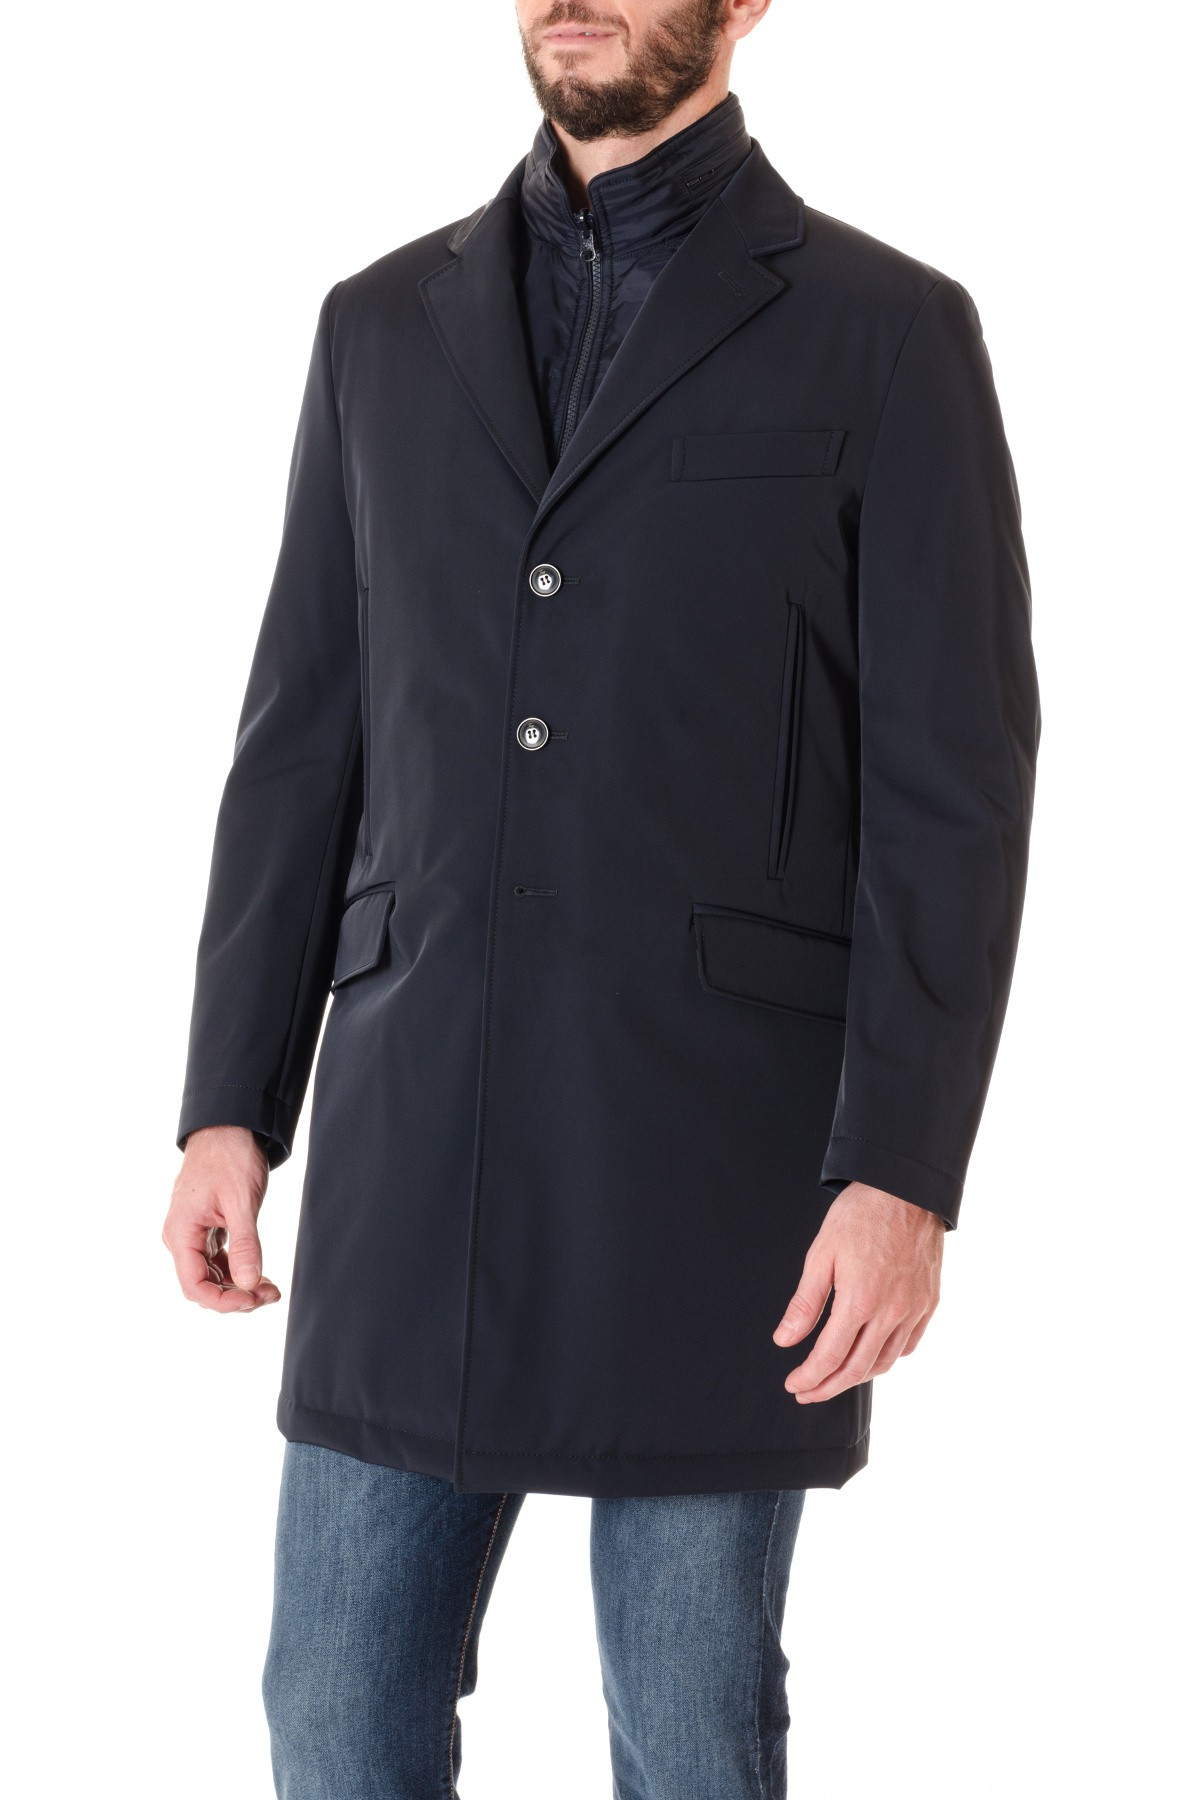 FAY A I Double Coat per uomo blu scuro in TESSUTO TECNICO - Rione ... 2cff341c837